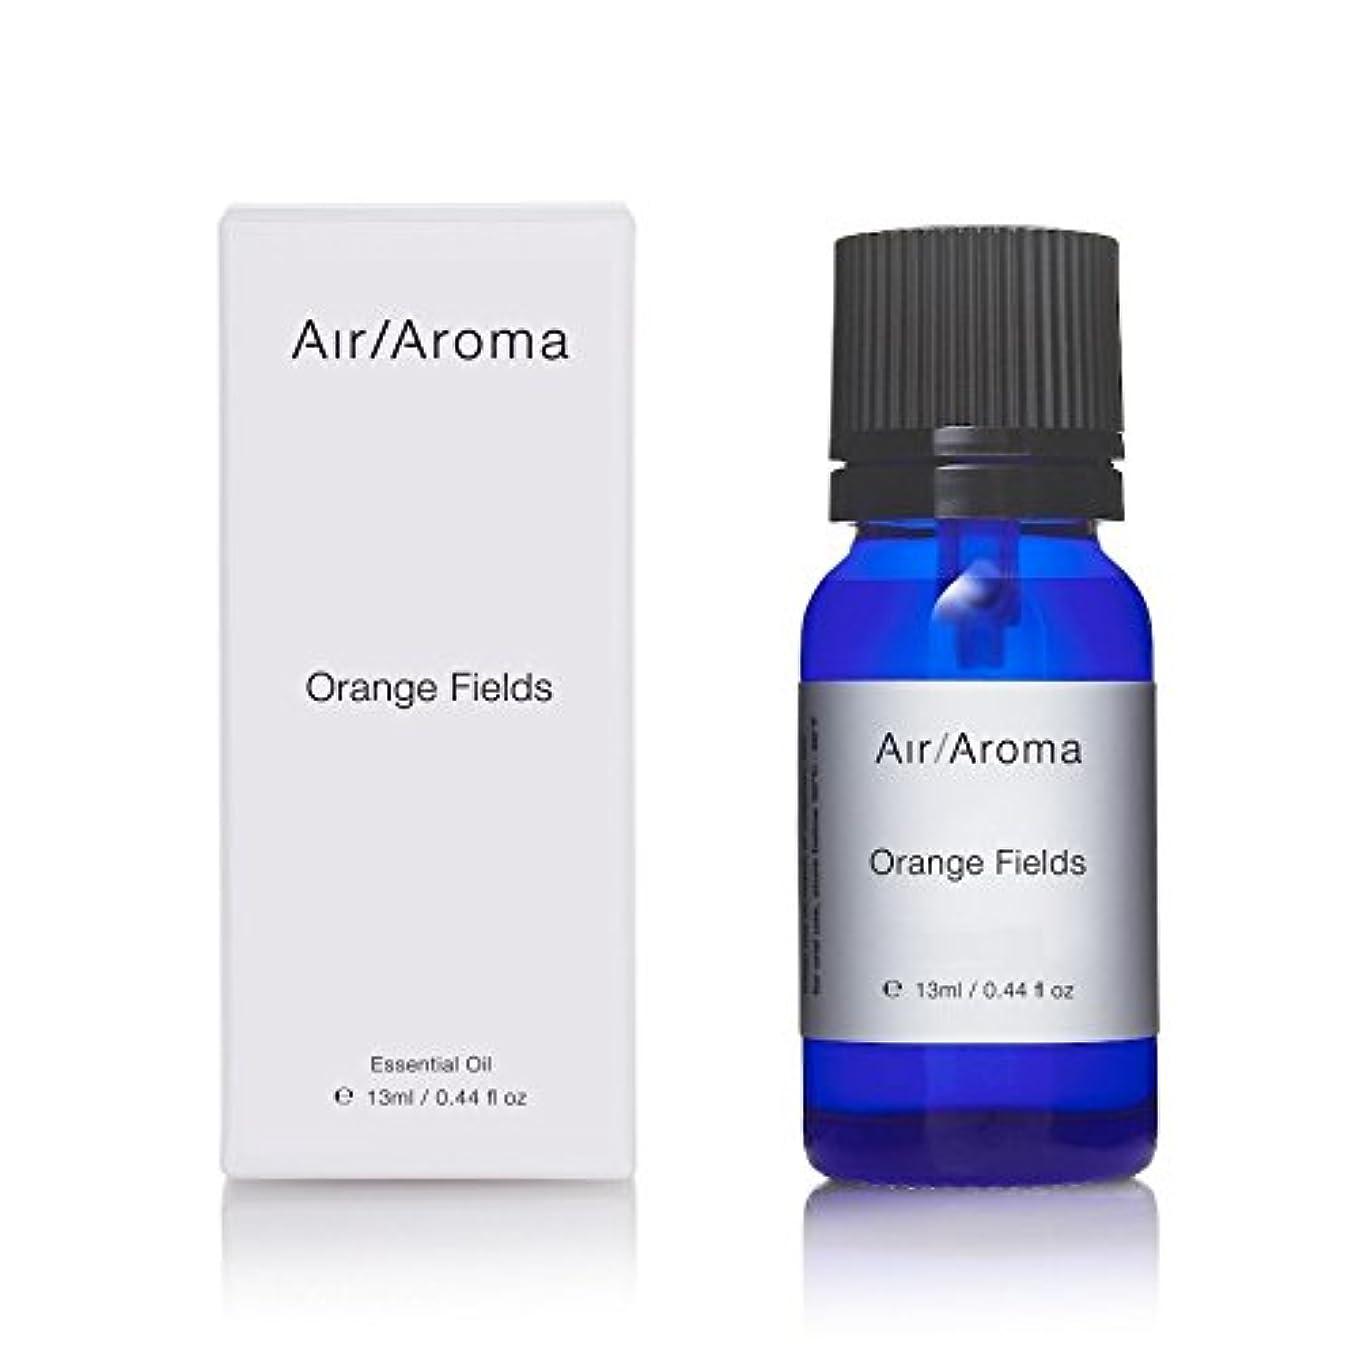 決定エンコミウム草エアアロマ orange fields (オレンジフィールド) 13ml